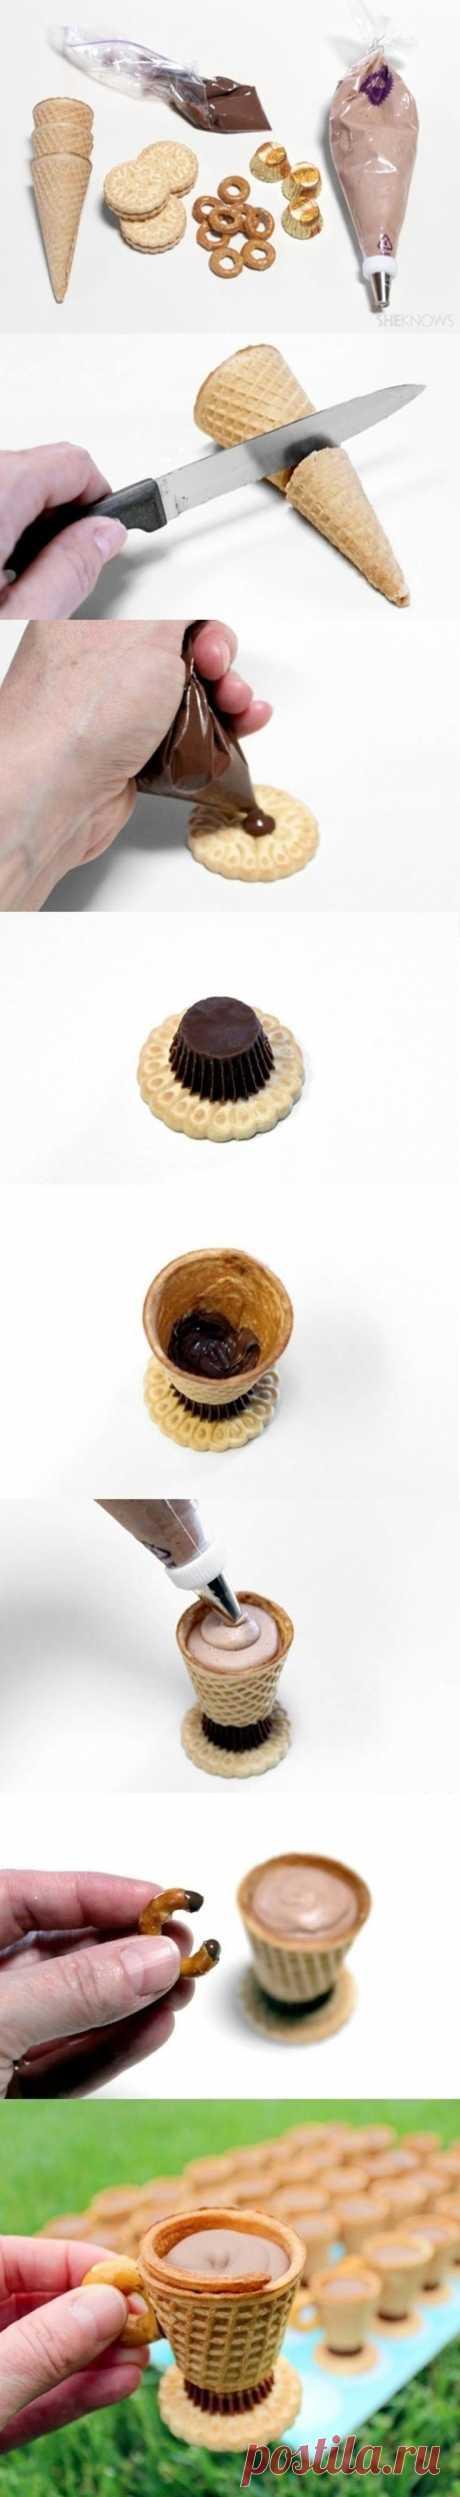 emekliyim.com - Geri Dönüsümün Merkezi: Dondurma Külahlarından Minik Fincanlar/Pratik Tarif